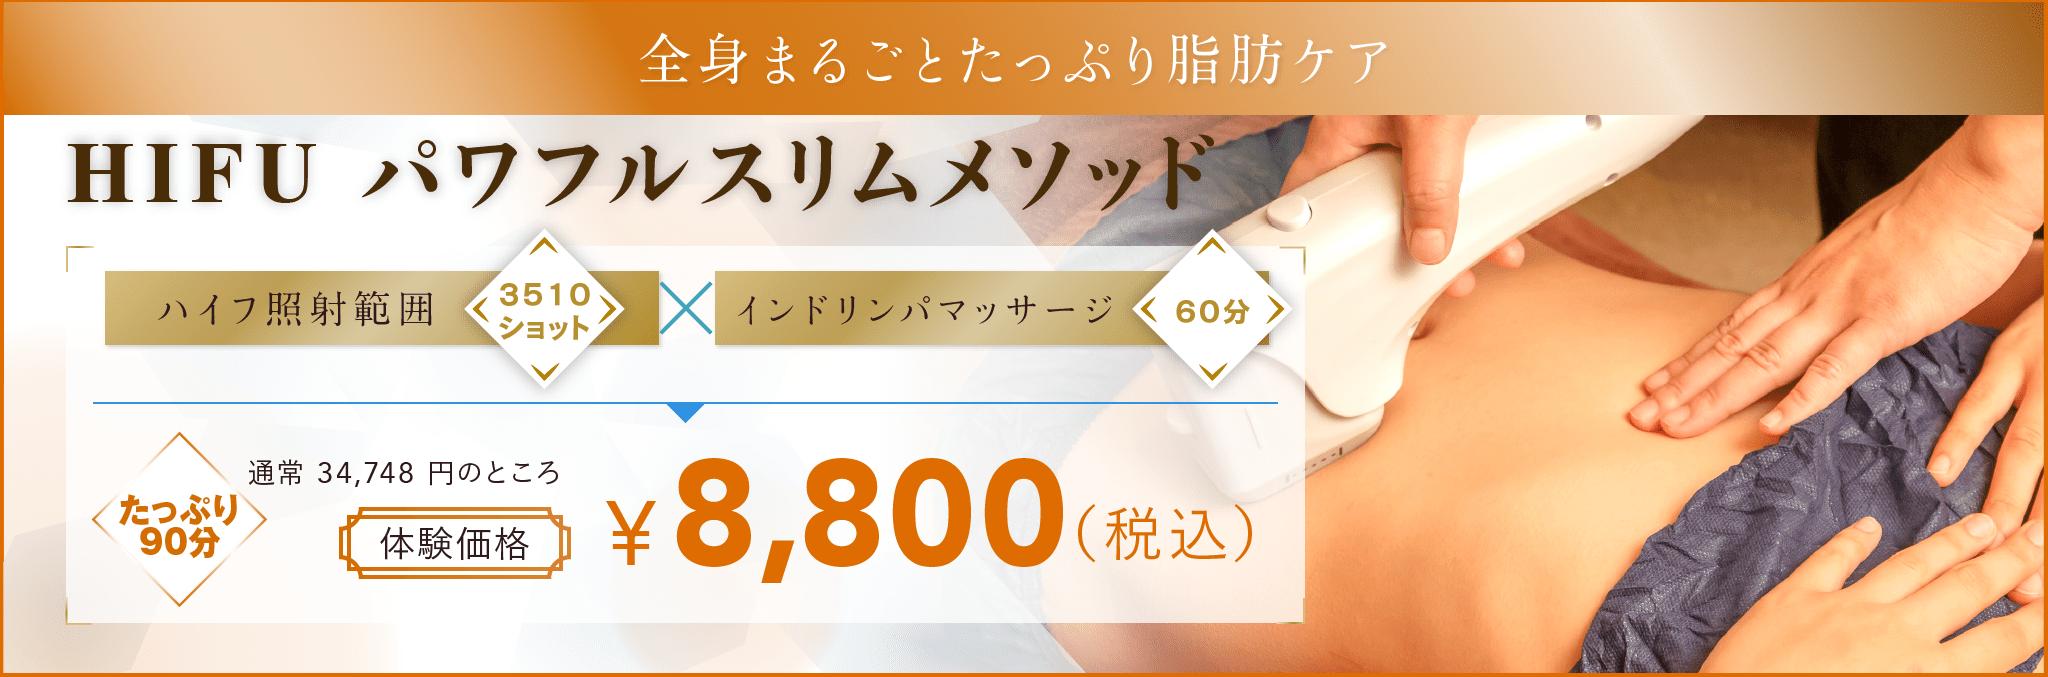 ウルトラ大幅減量コース インディバ 3D美容骨盤調整 インドリンパマッサージ 遠赤外線ヒートマット 120分 通常価格15,000円 体験価格¥5,000(税込)